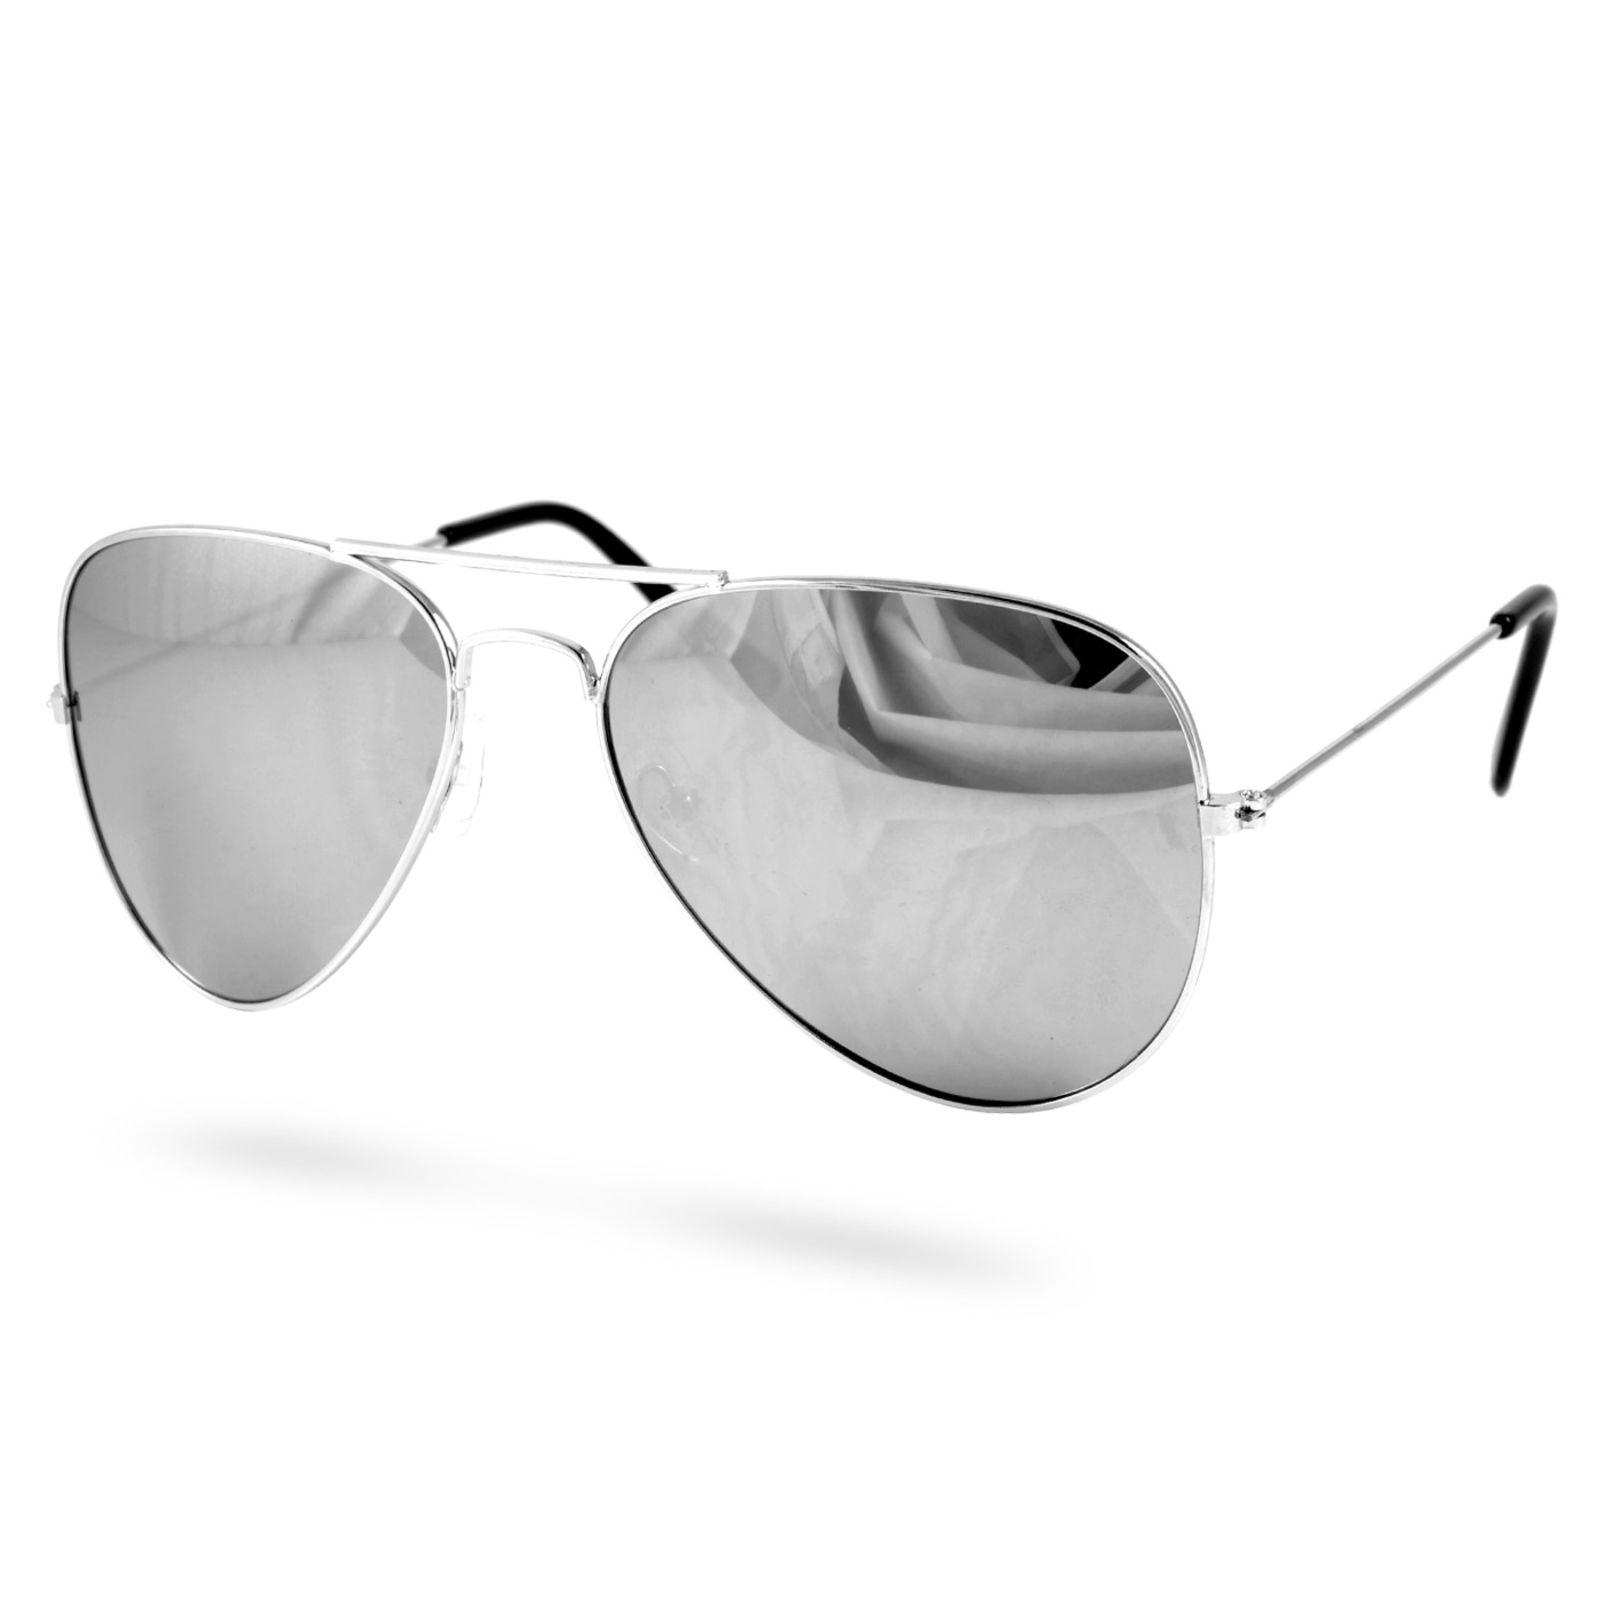 c1997c41a4a1 Sølv Aviator Solbriller